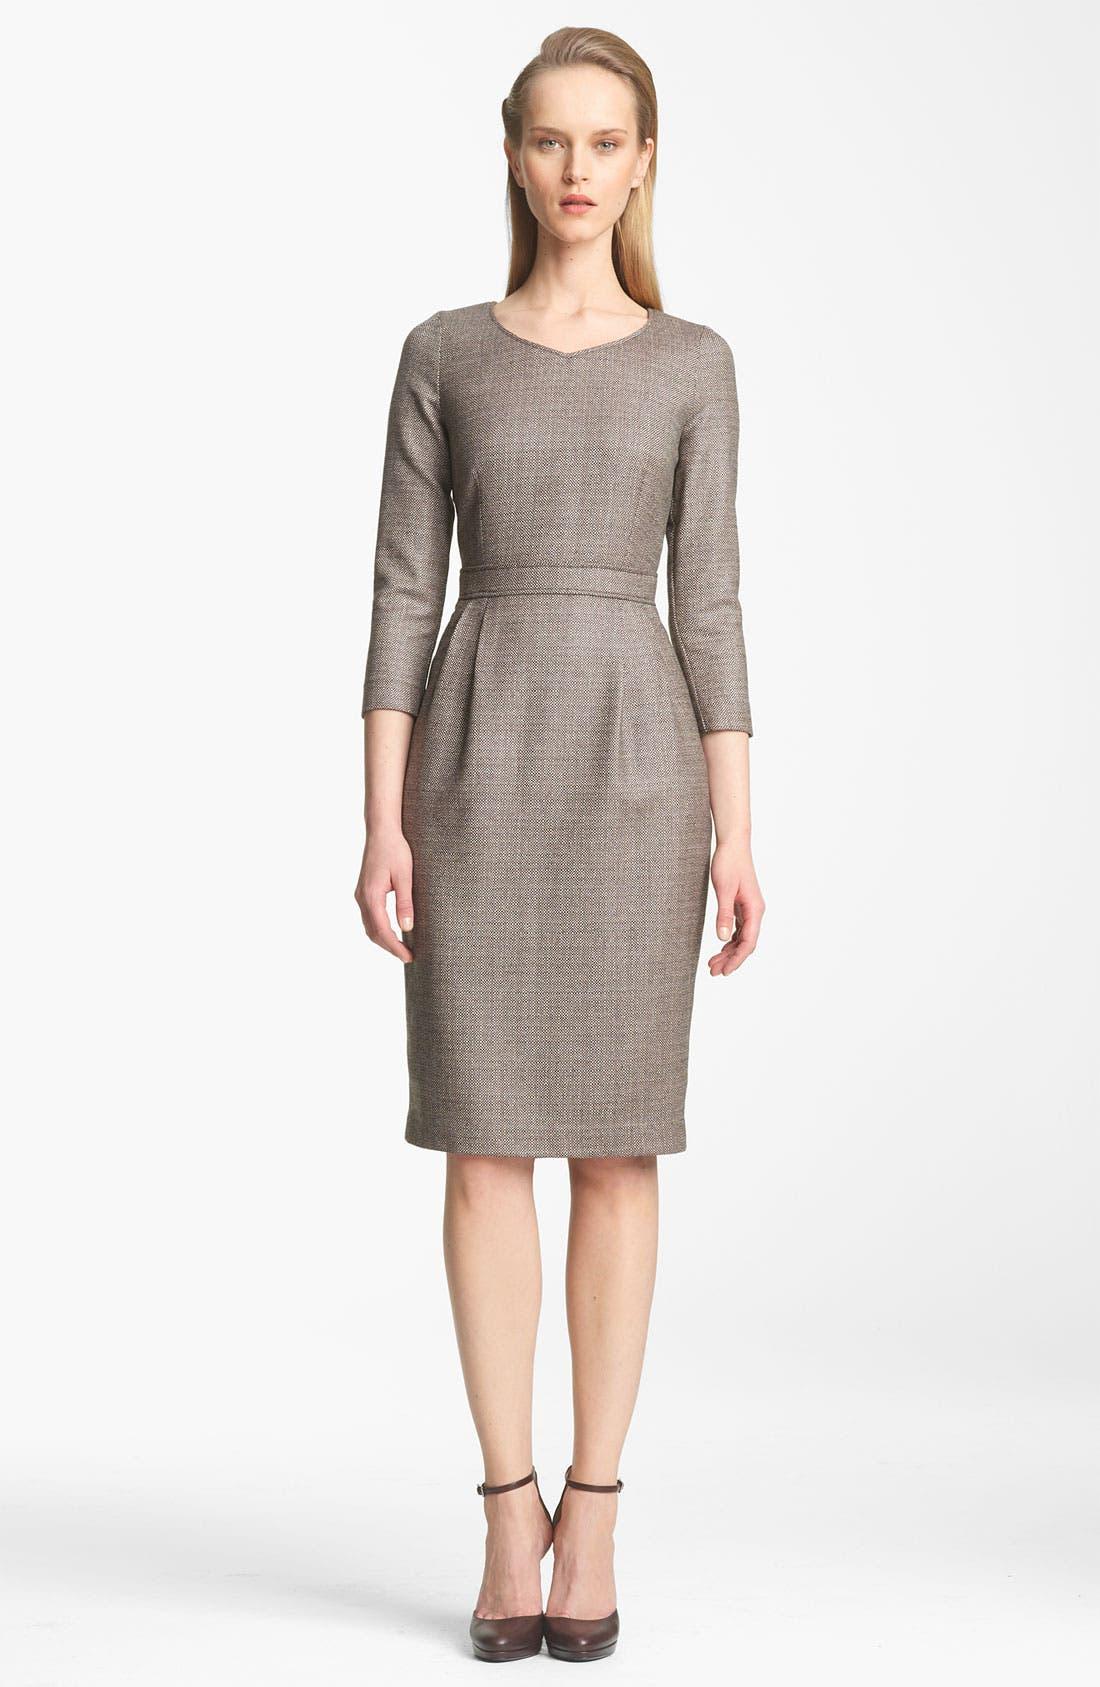 Alternate Image 1 Selected - Armani Collezioni Check Dress